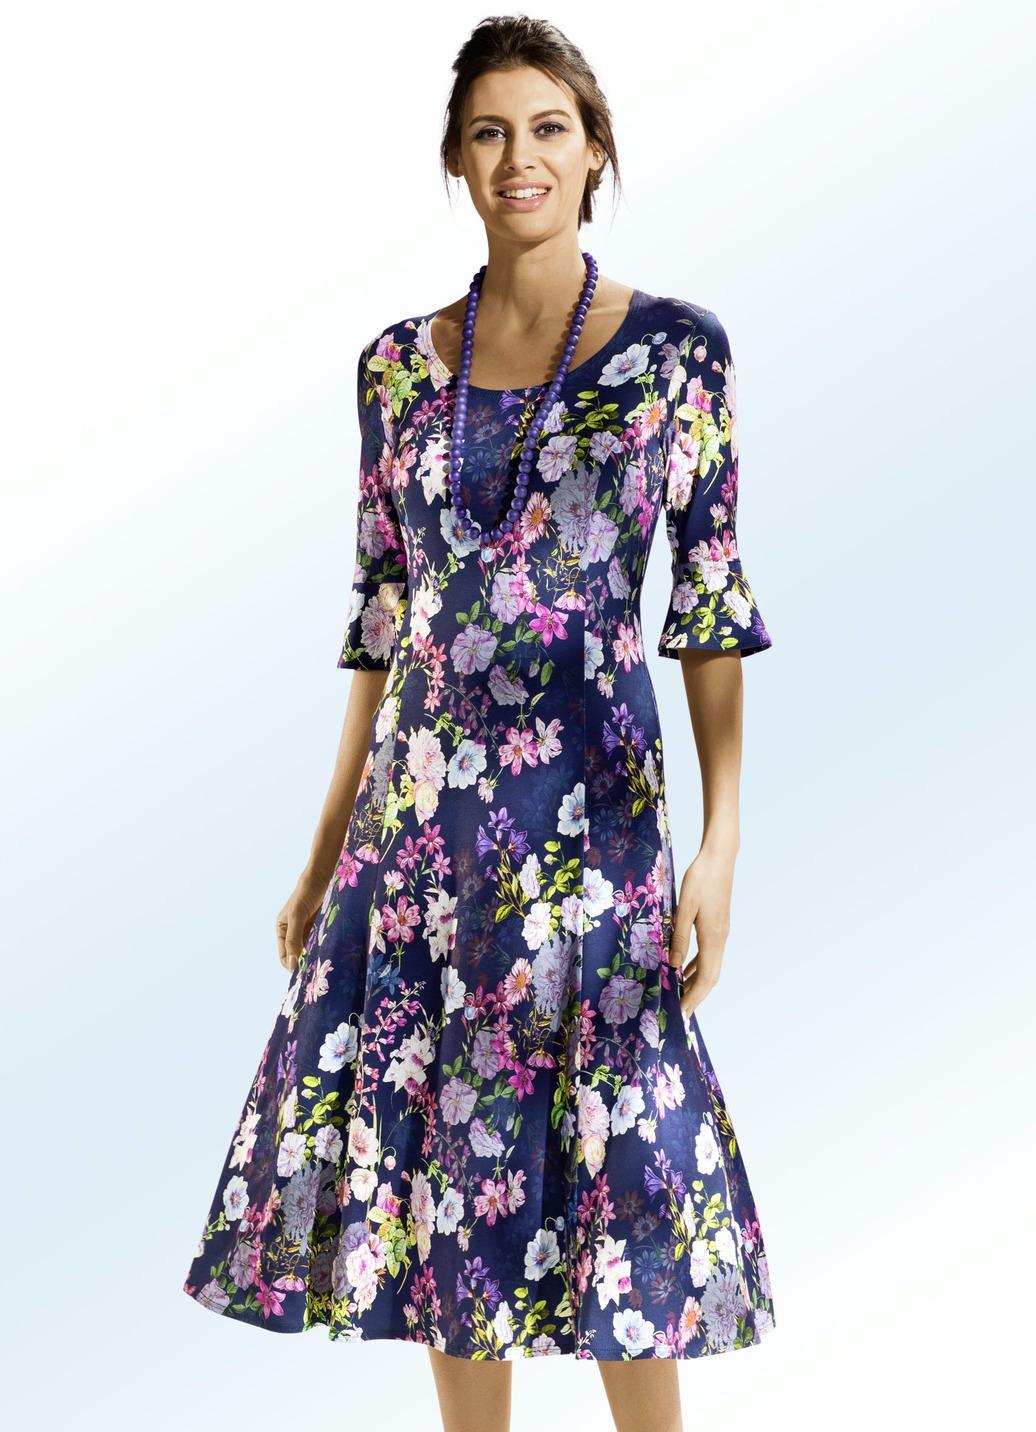 Leicht tailliertes Kleid in modischer Schlupfform Marine-Bunt Größe 548 Damen Preisvergleich